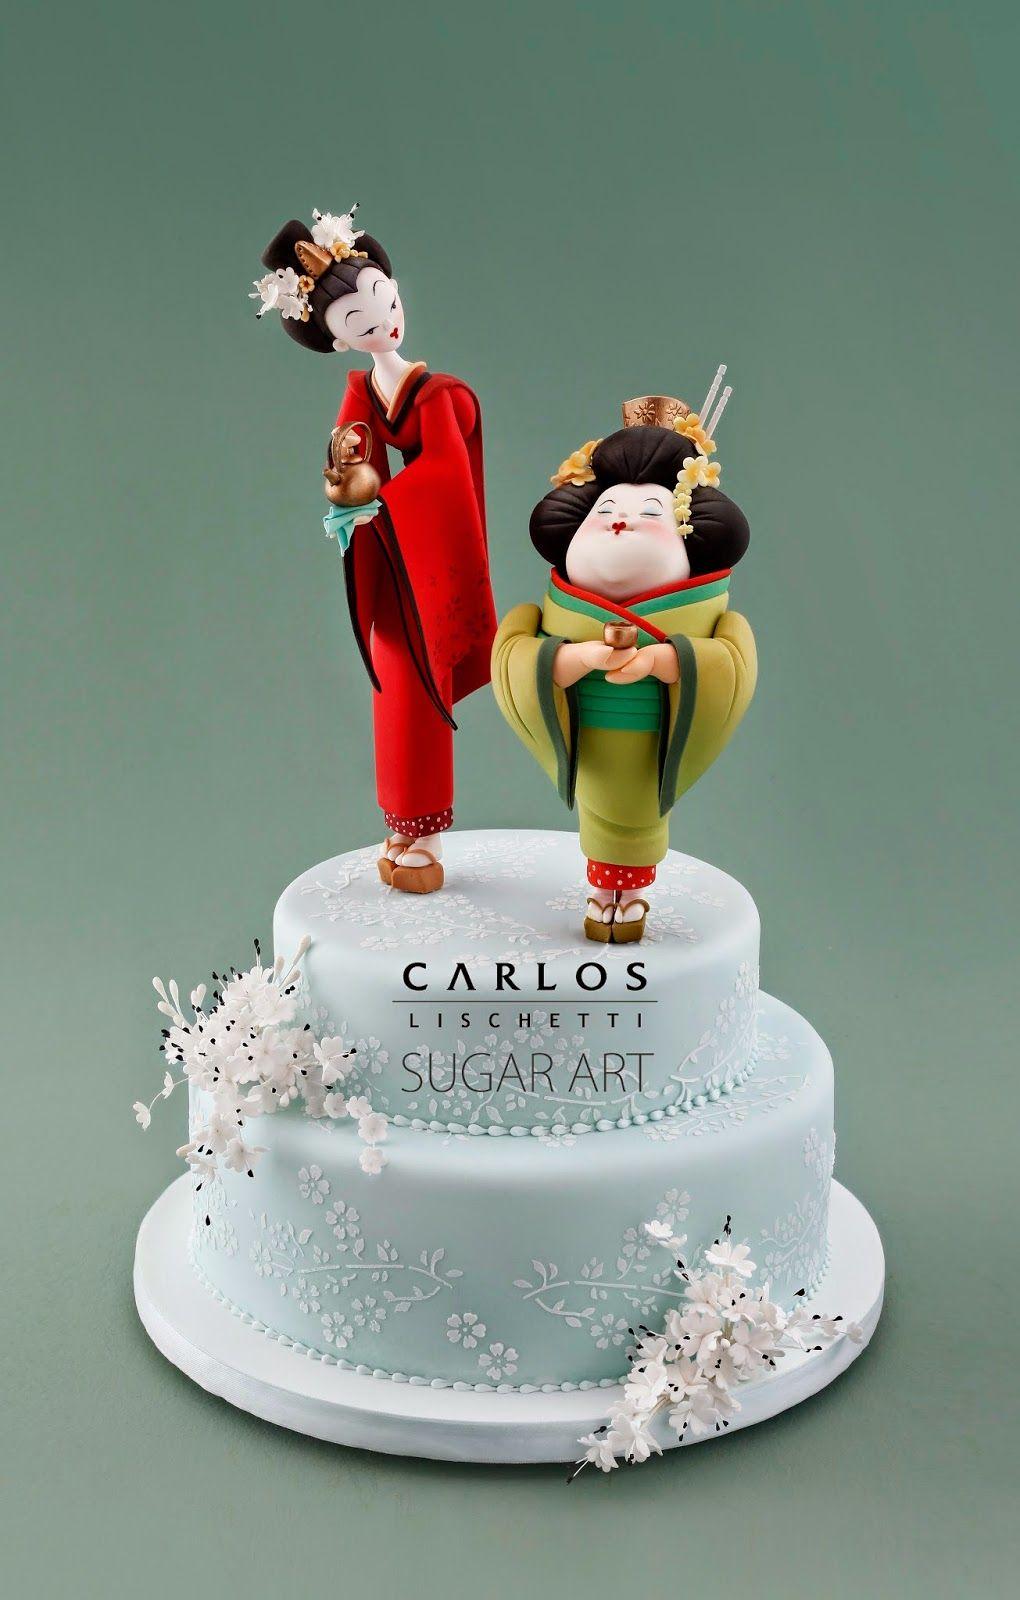 Thin & Chubby Geisha's Cake Topper   by Carlos Lischetti Sugar Art